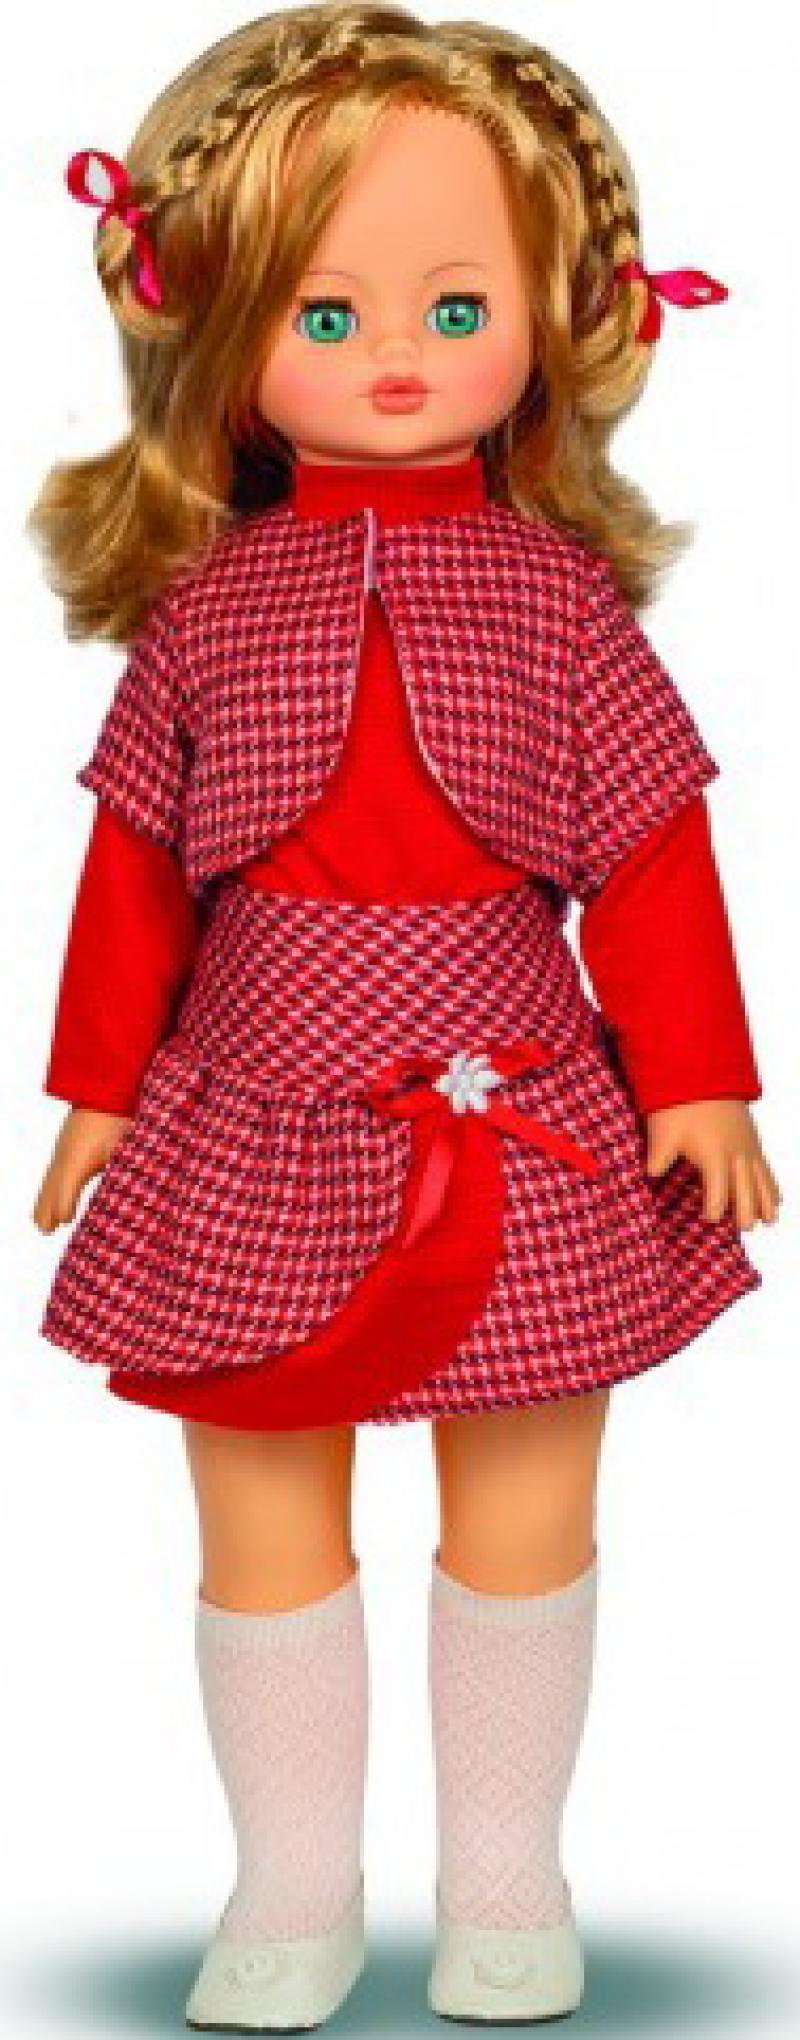 Кукла ВЕСНА Эльвира 2 (озвученная) В569/0 весна весна кукла интерактивная инна 3 озвученная